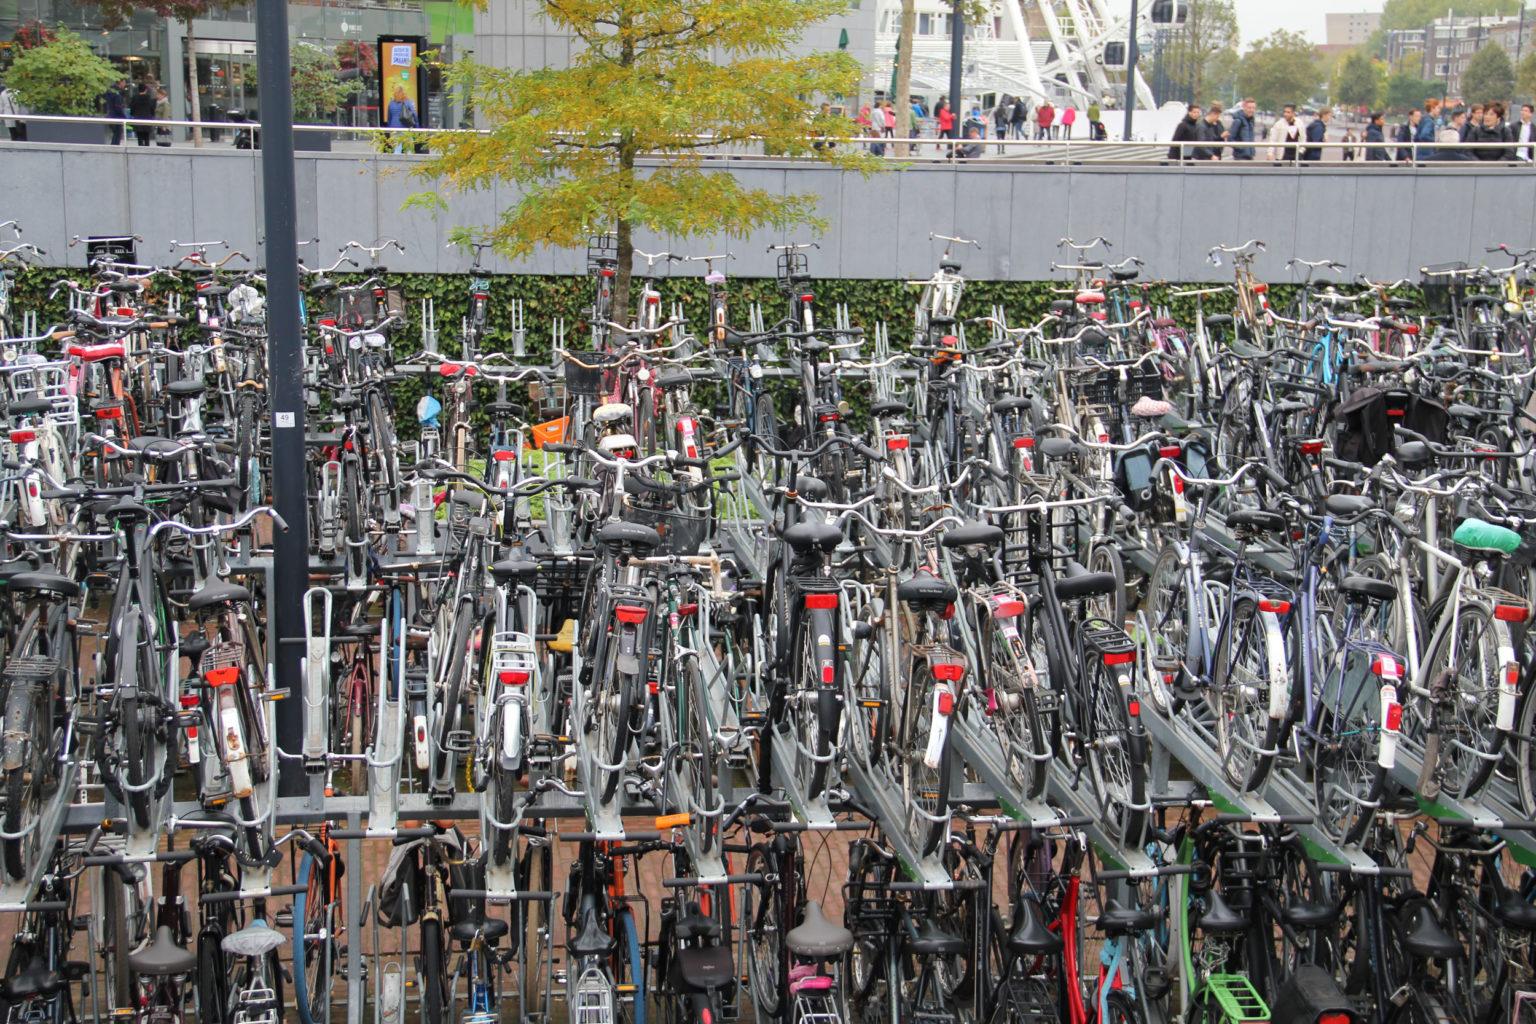 Fahrraeder in Rotterdamm